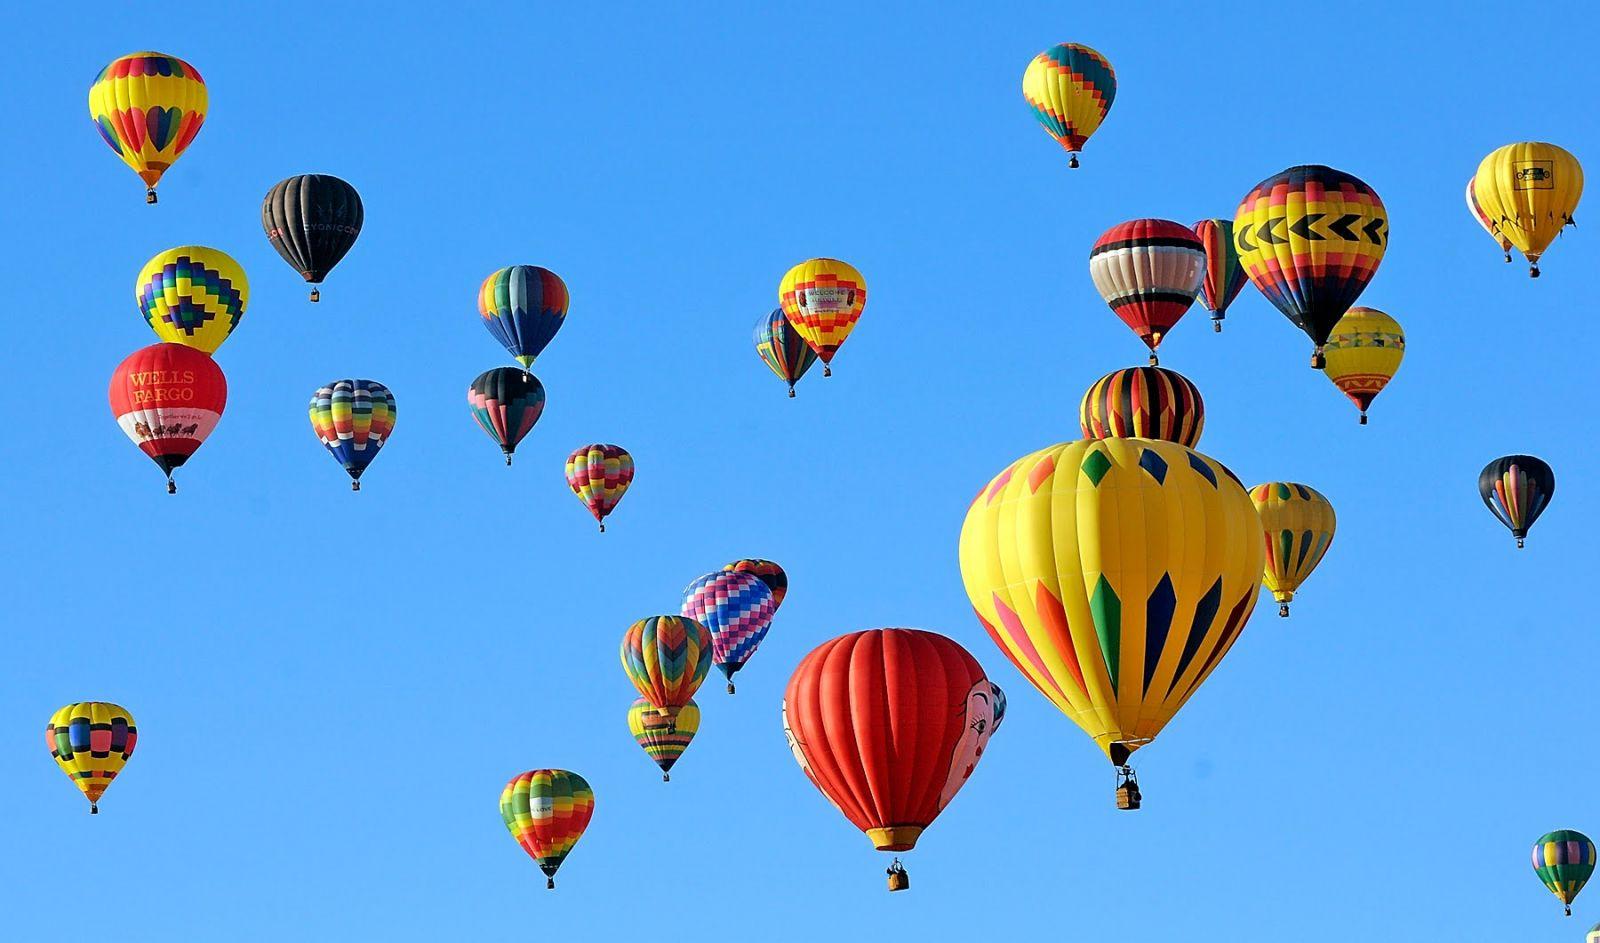 Đâu chỉ có lễ hội pháo hoa, tháng 12 này Đà Nẵng còn có lễ hội khinh khí cầu lớn nhất Việt Nam này